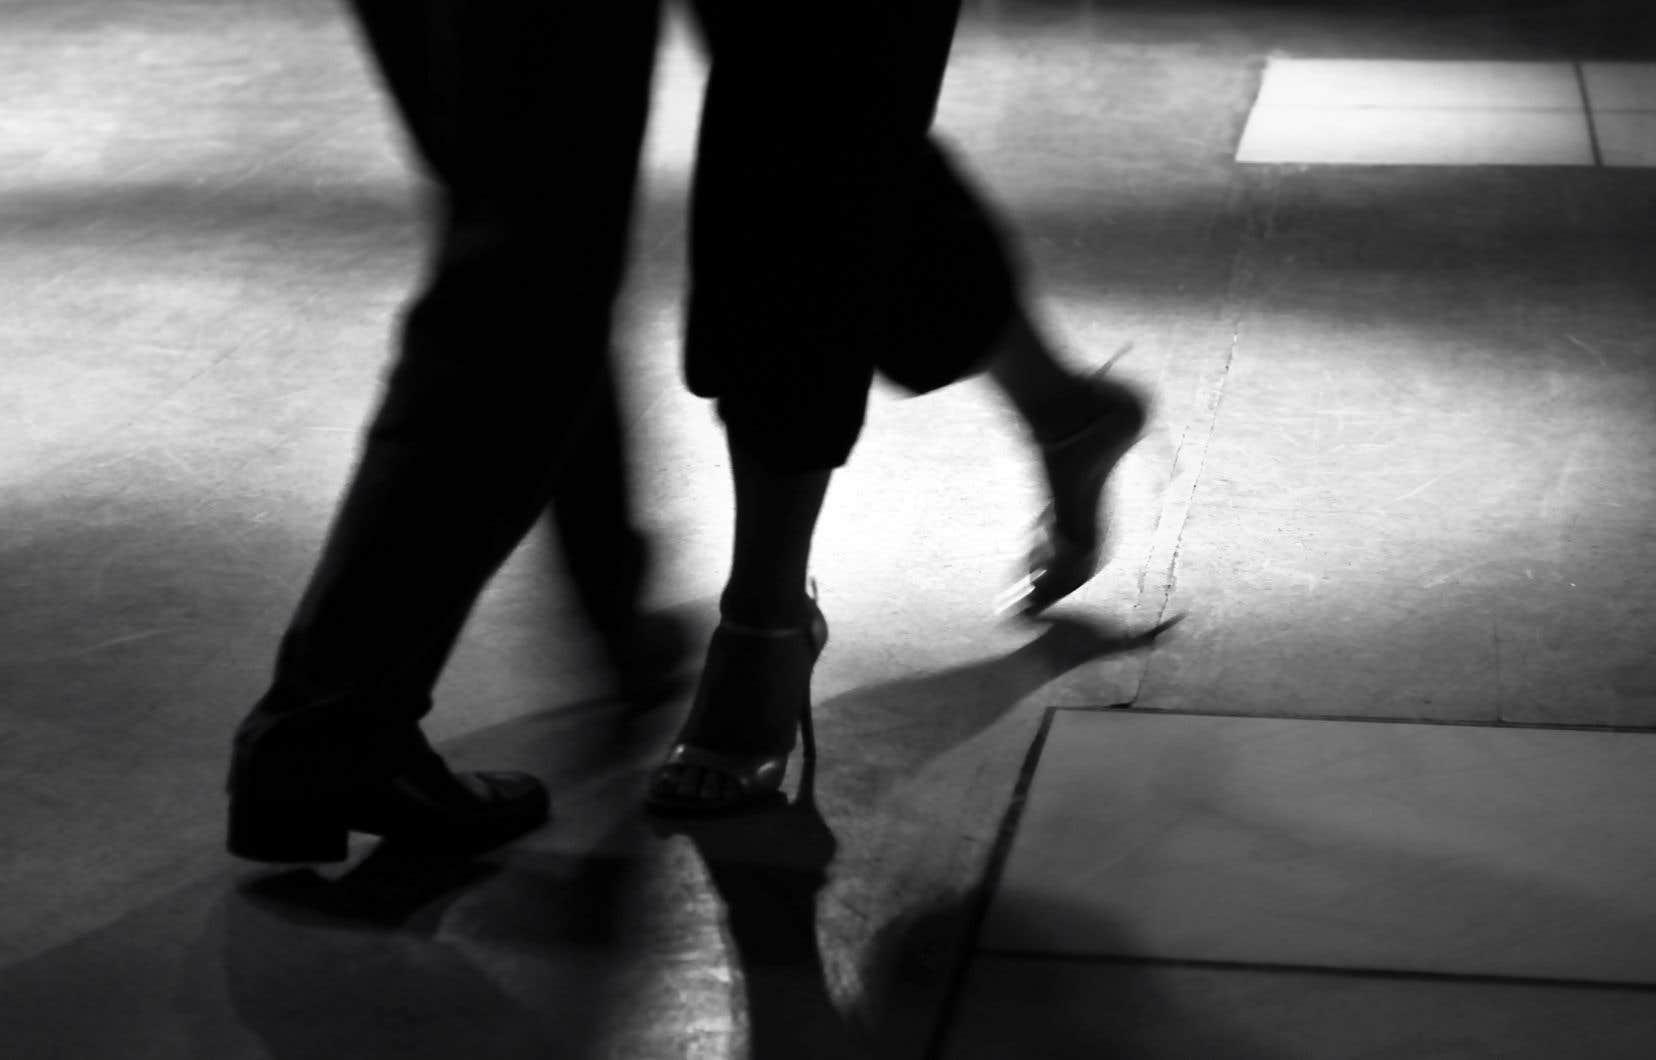 Selon les recherches, dans les cas de maladie de Parkinson, le tango procurerait plus de bénéfices qu'une danse moins chorégraphiée.